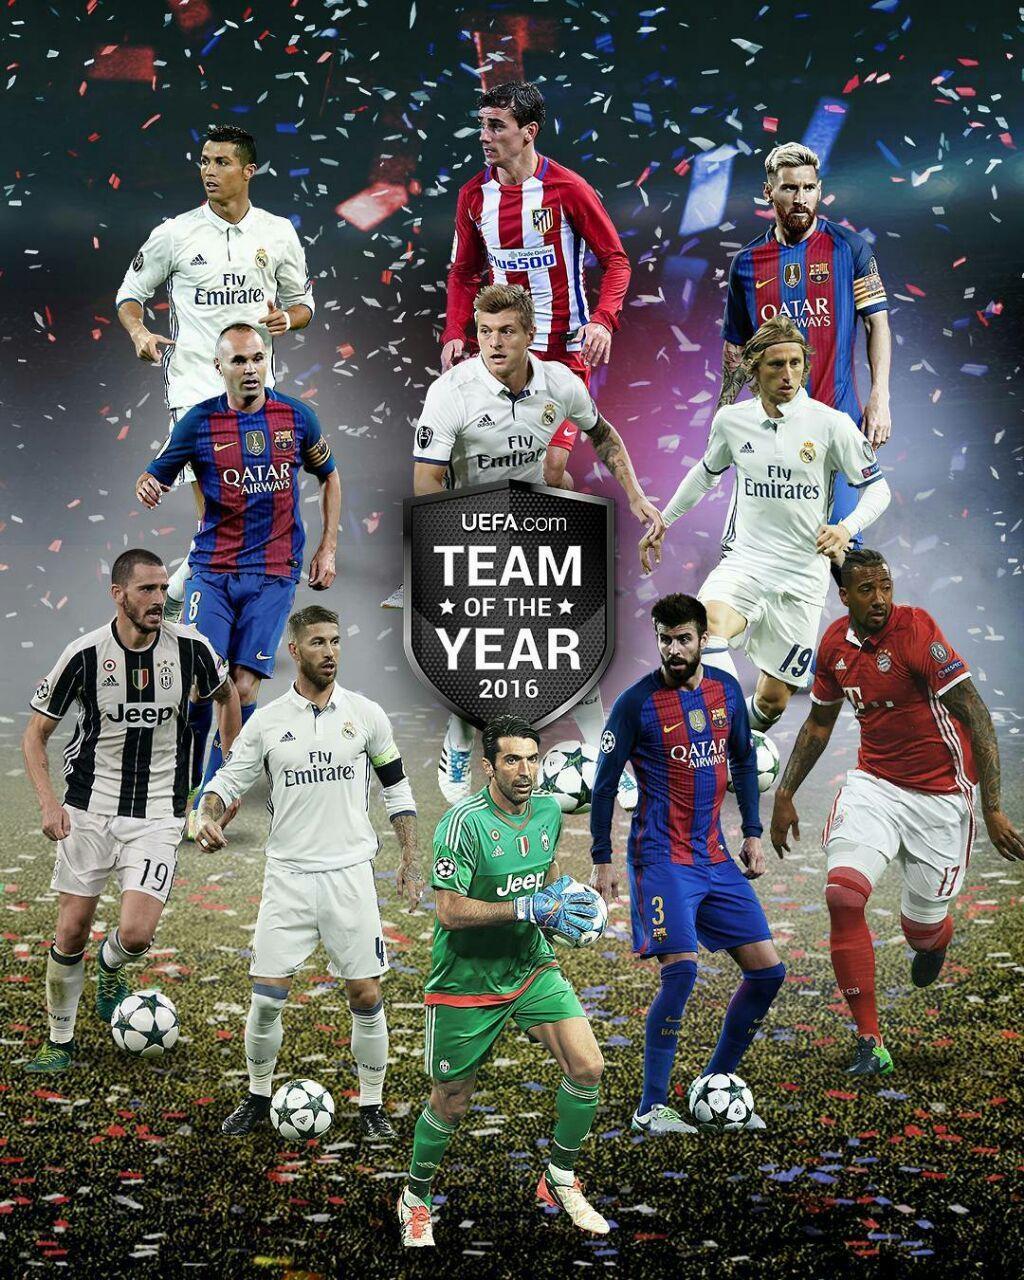 تیم منتخب سال ۲۰۱۶ از نگاه یوفا را ببینید